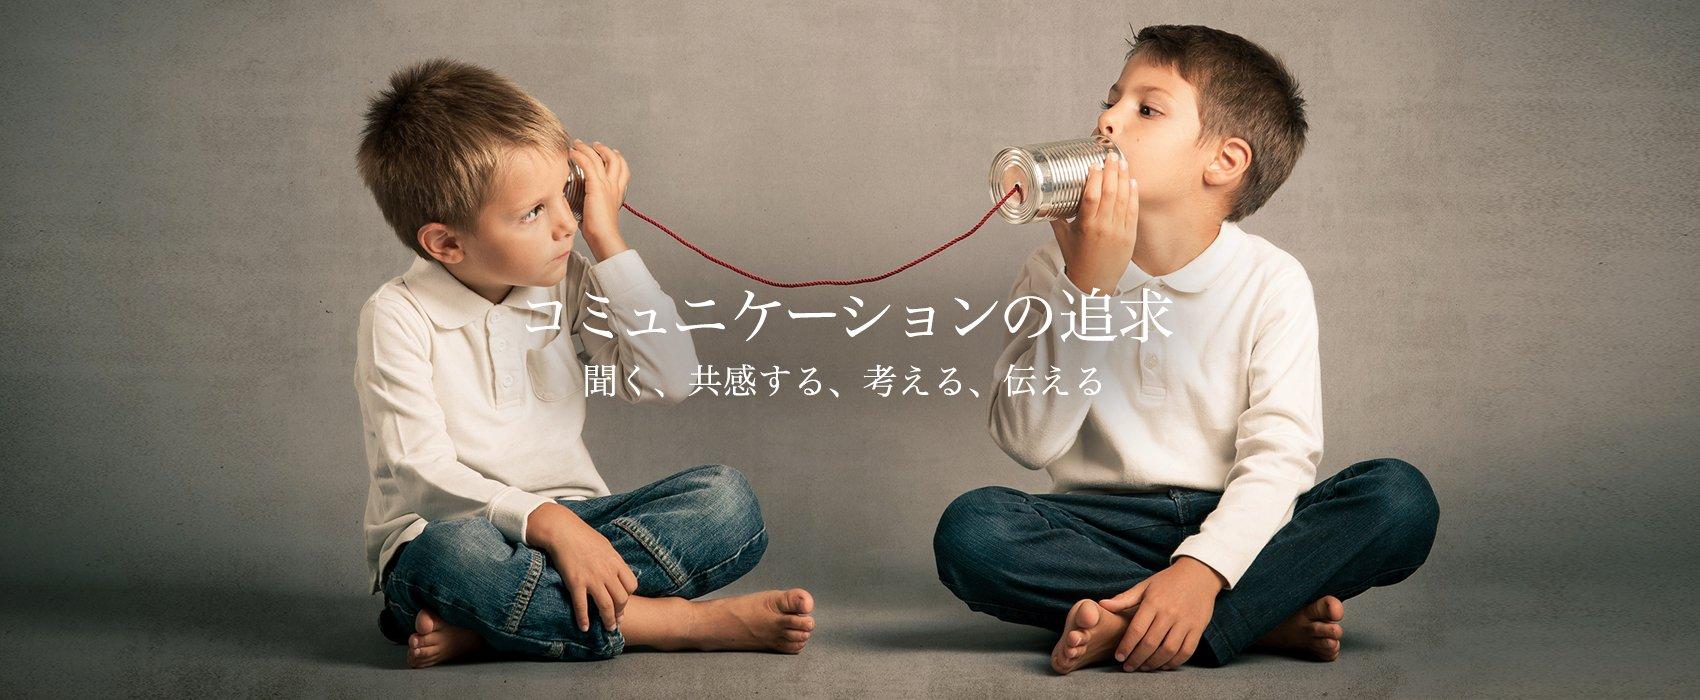 コミュニケーションの追求 聞く、共感する、考える、伝える